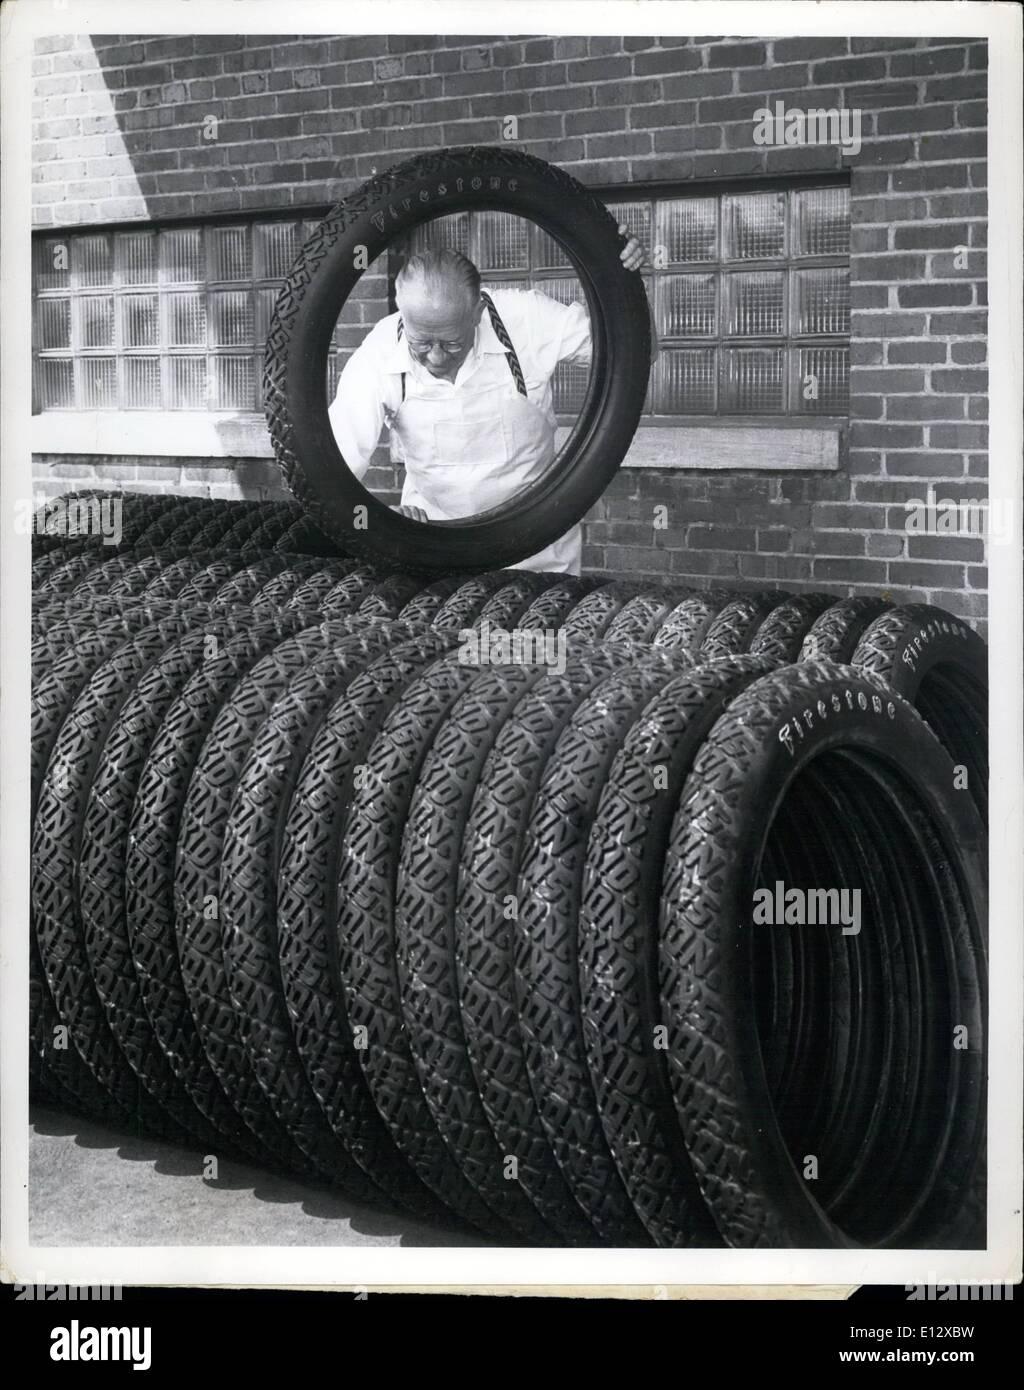 26. Februar 2012 - ist auf dem Weg von Akron, Ohio, nach Washington, um die Bedürfnisse der die 200 antiken Kfz Stockfoto